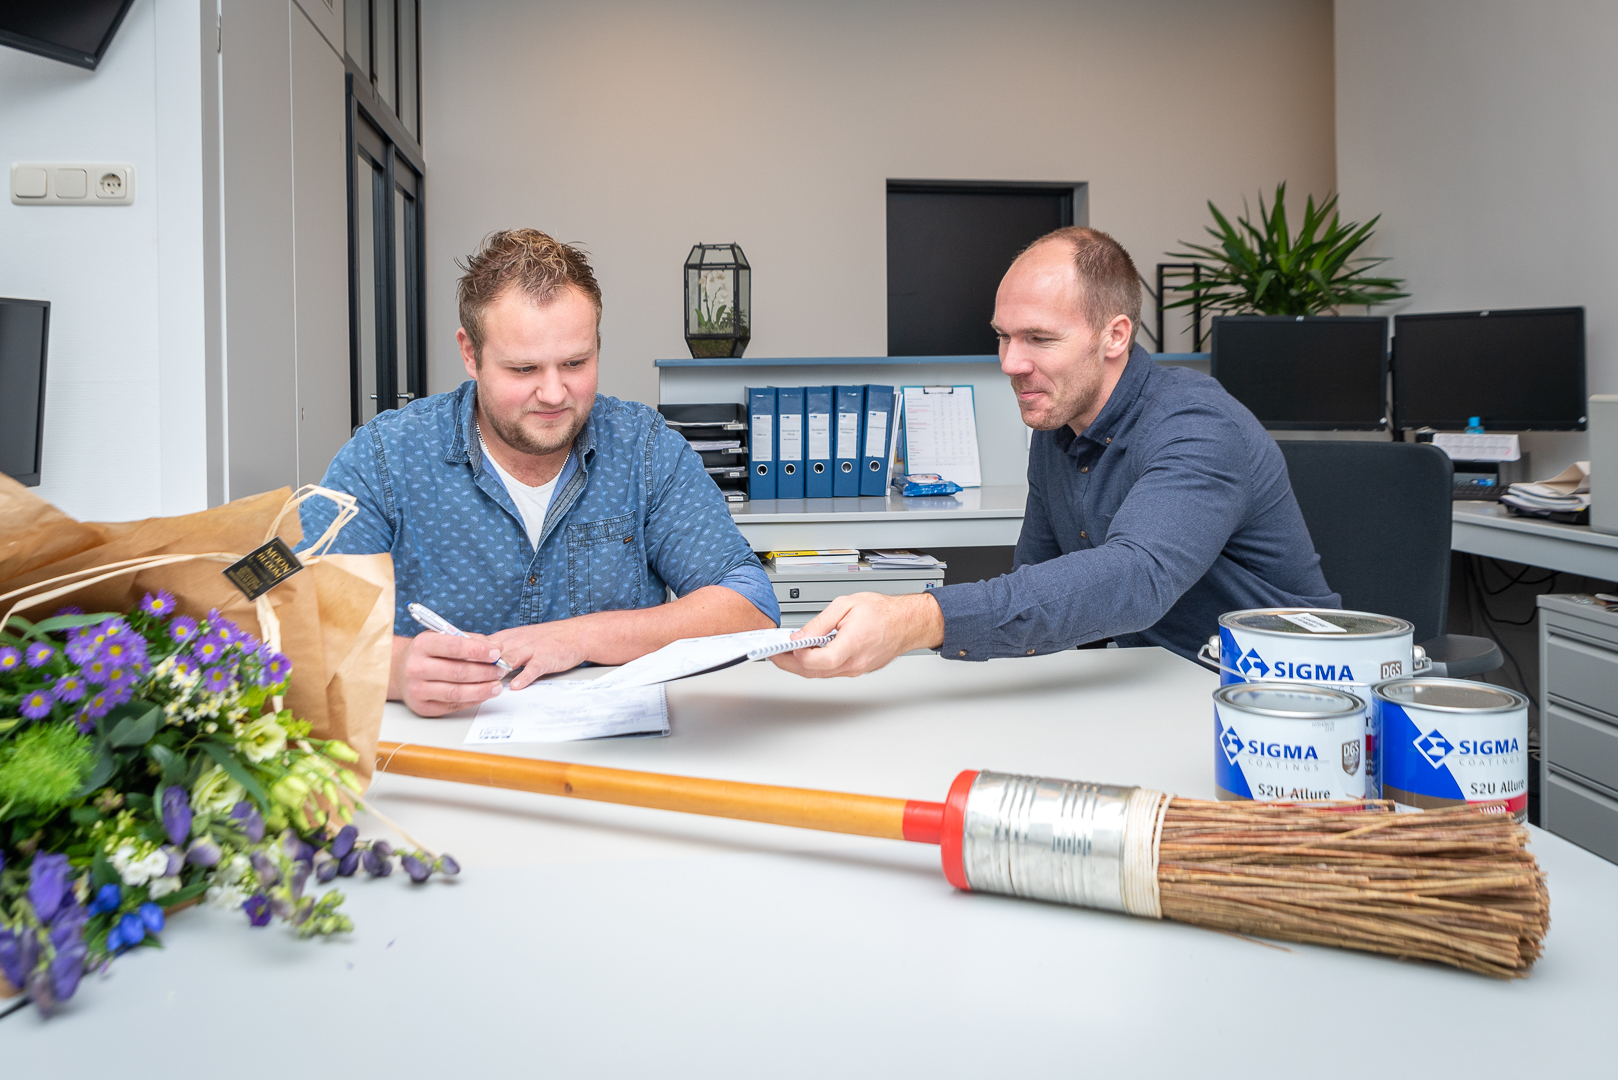 Hoofdsponsor Blaauw Perioverf Elburg B.V. verlengt sponsorcontract met 1 jaar - Elburger SC